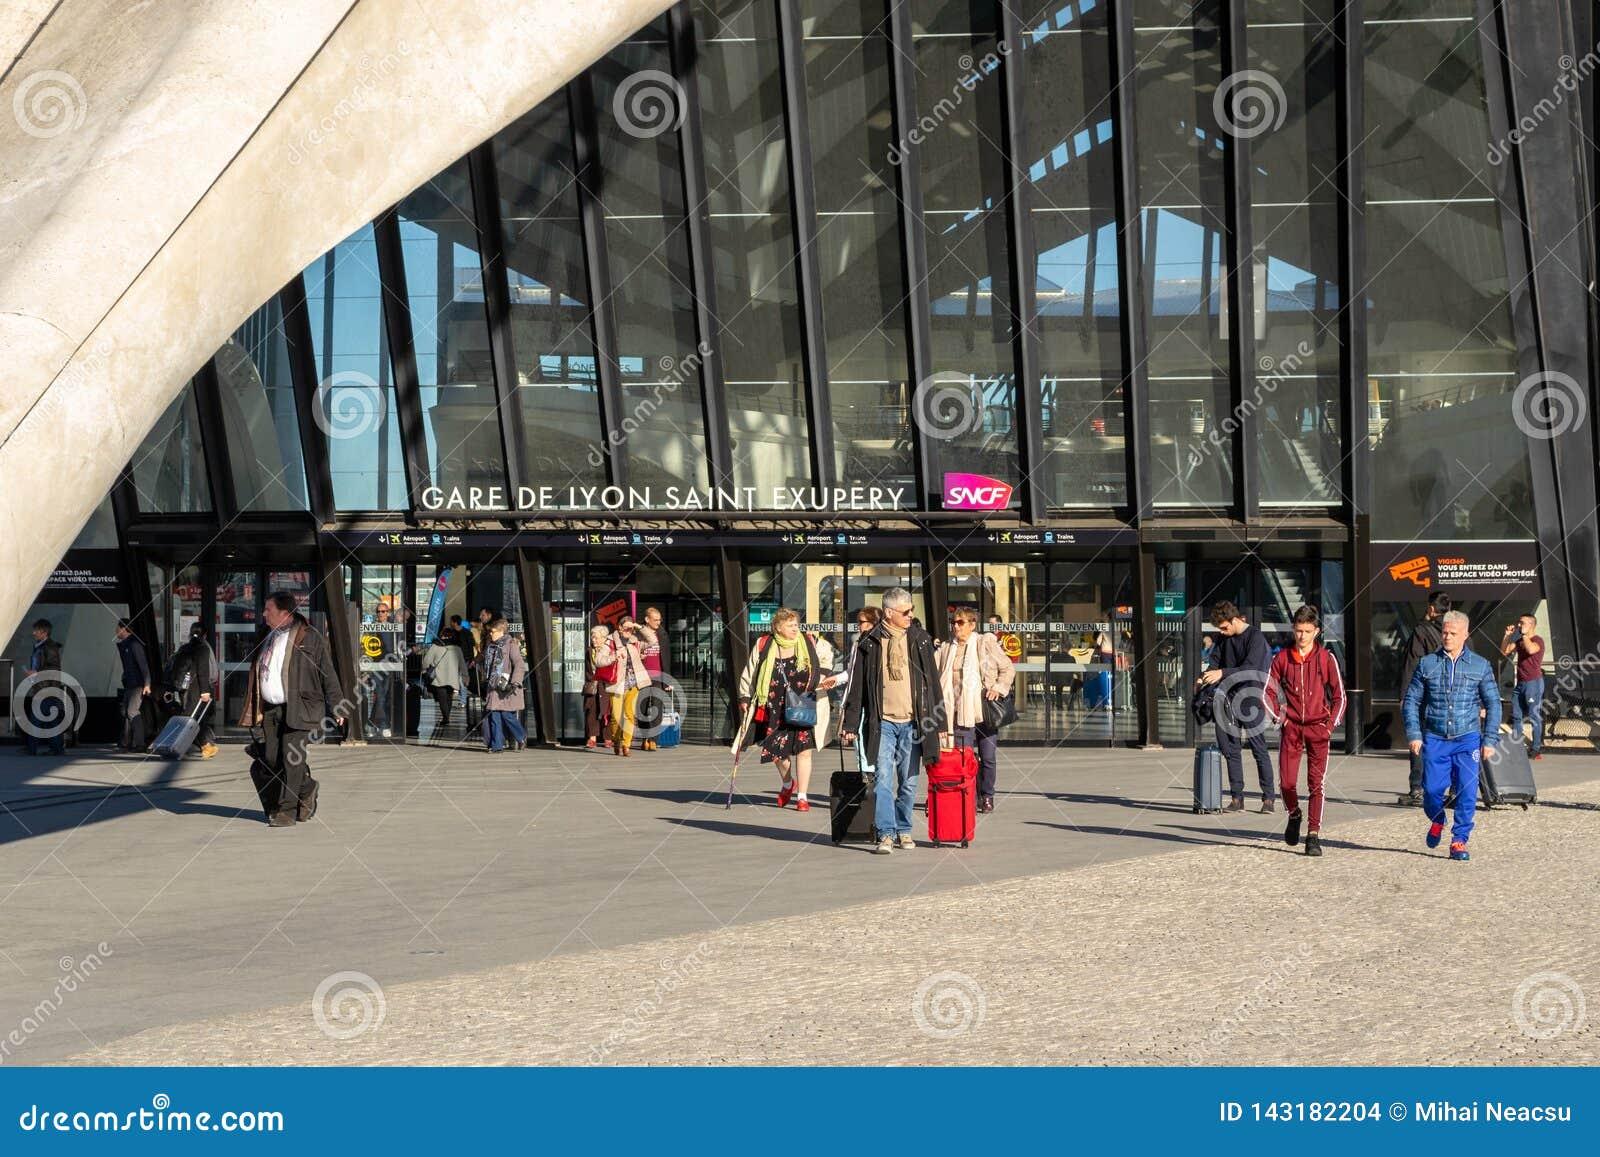 到达和离去在Gare de利昂圣徒Exupery SNCF总台的人们,与继续袋子